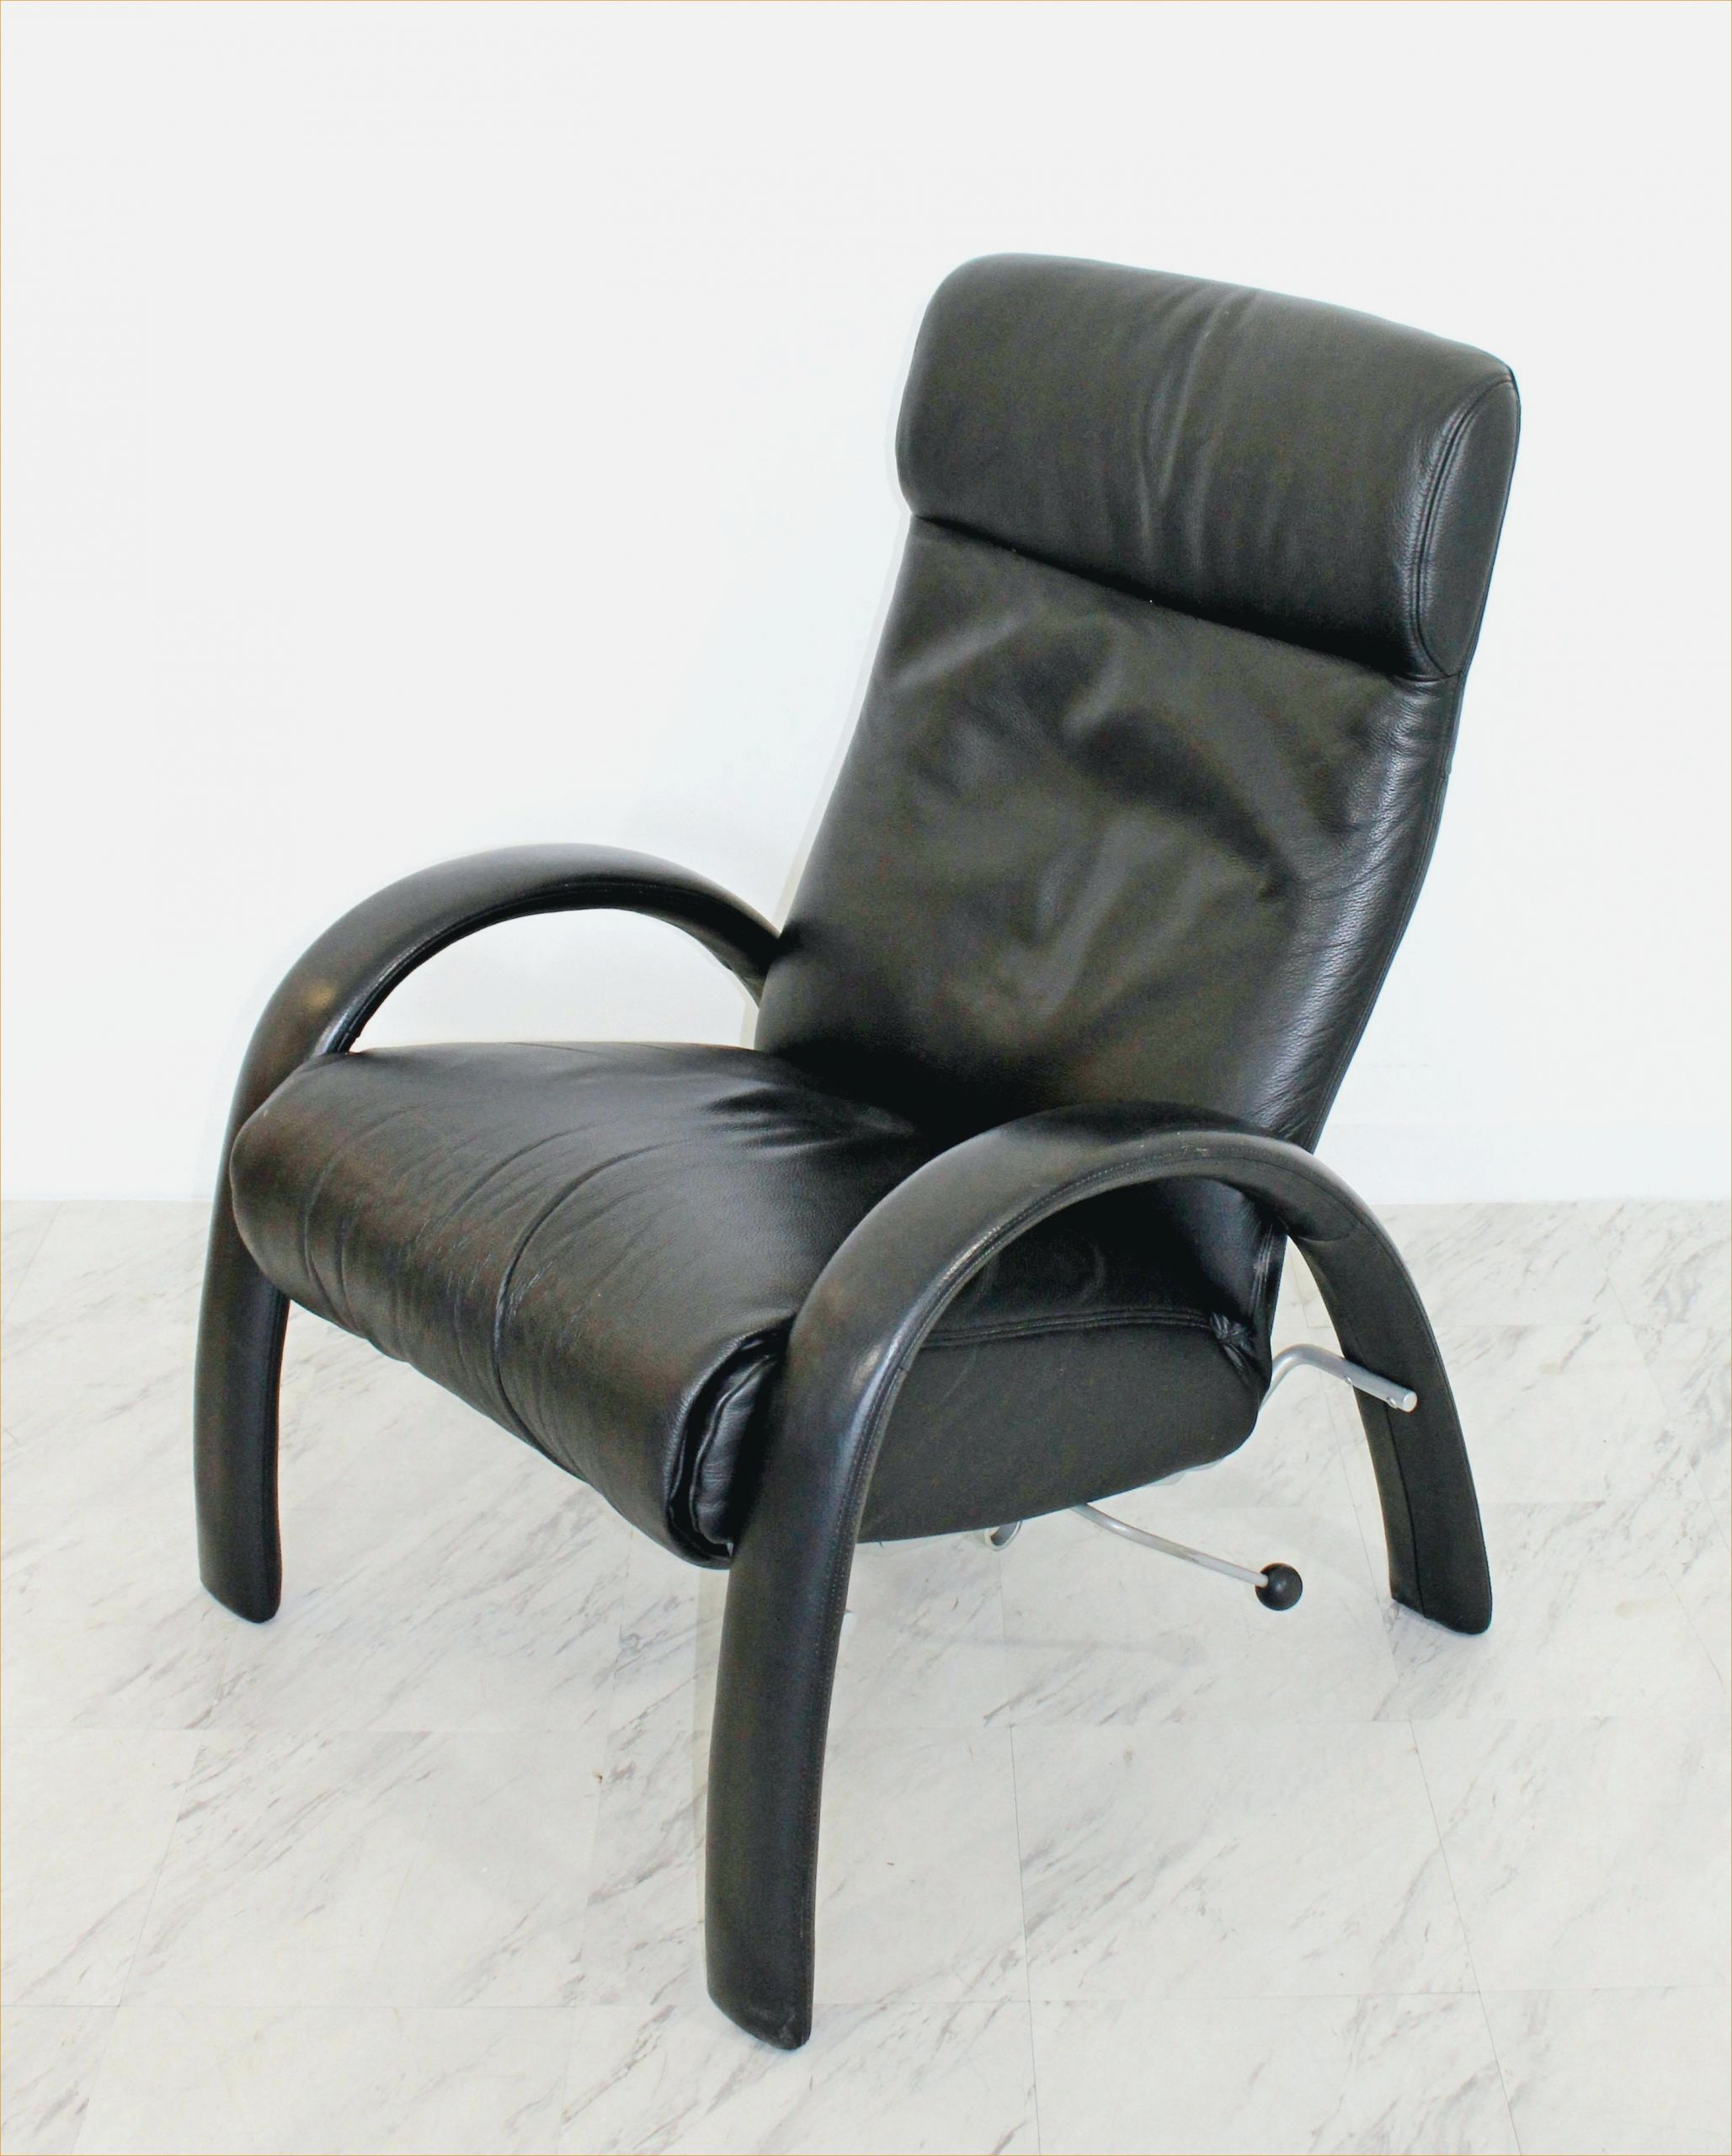 9 Skurril Bild Von Sessel Zum Liegen Black Leather Recliner Leather Recliner Reclining Armchair